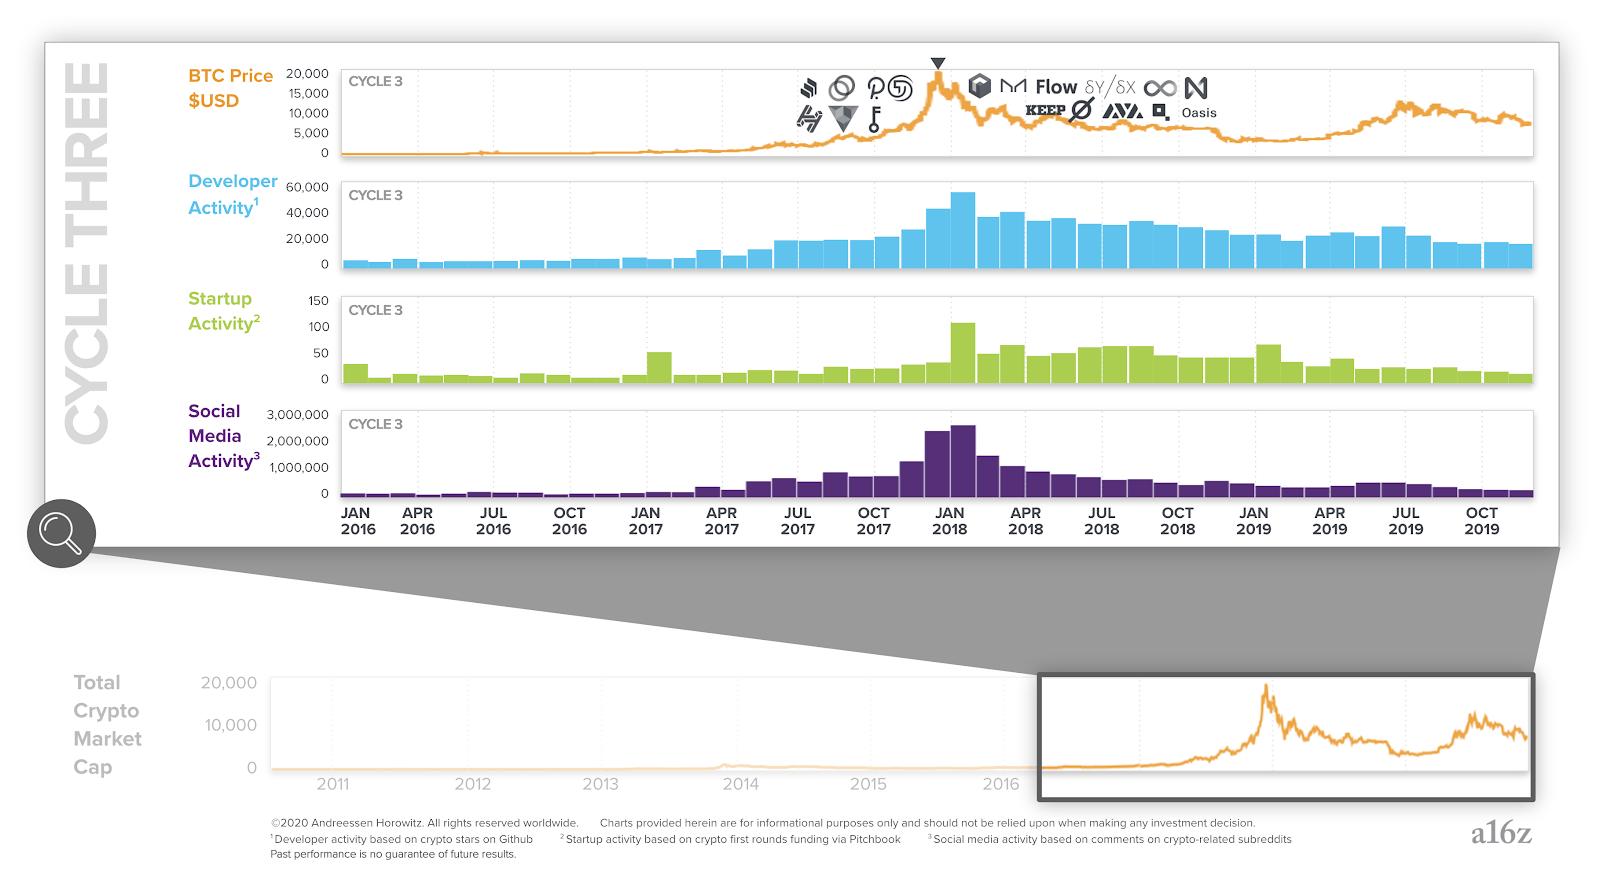 График третьего цикла крипто-индустрии (2016−2019 годы)